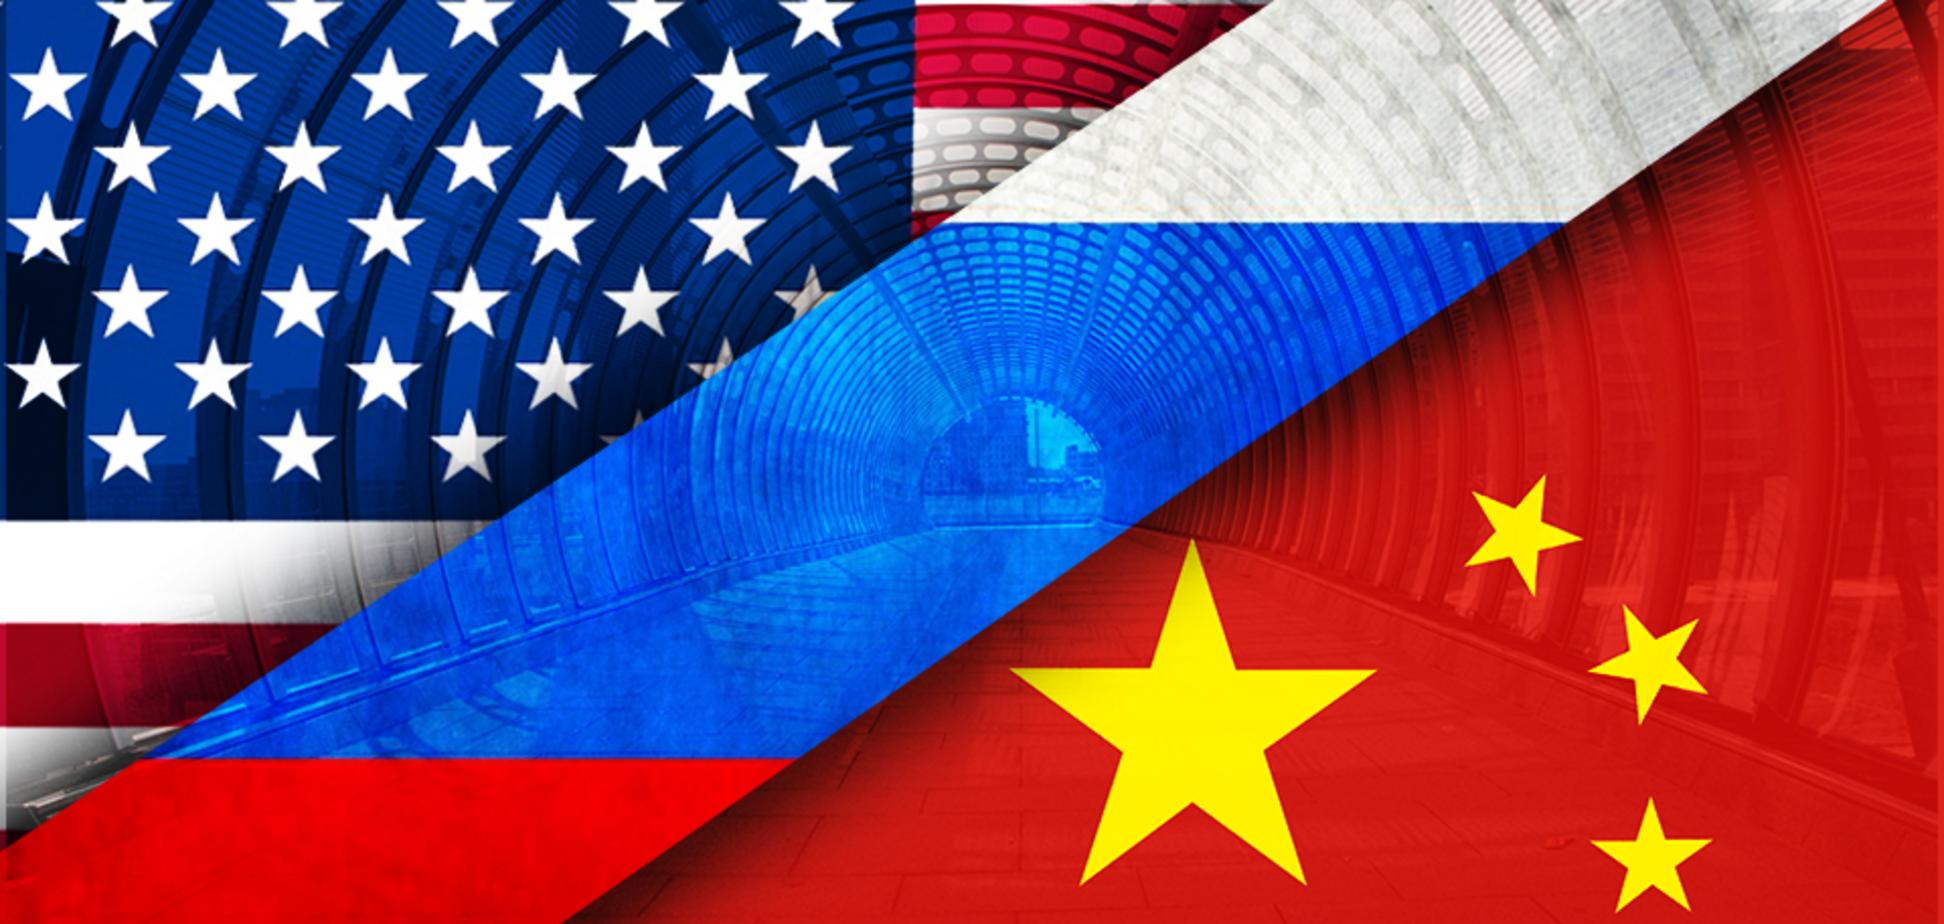 На сцене господствуют Америка и Китай, Россия следить из партера